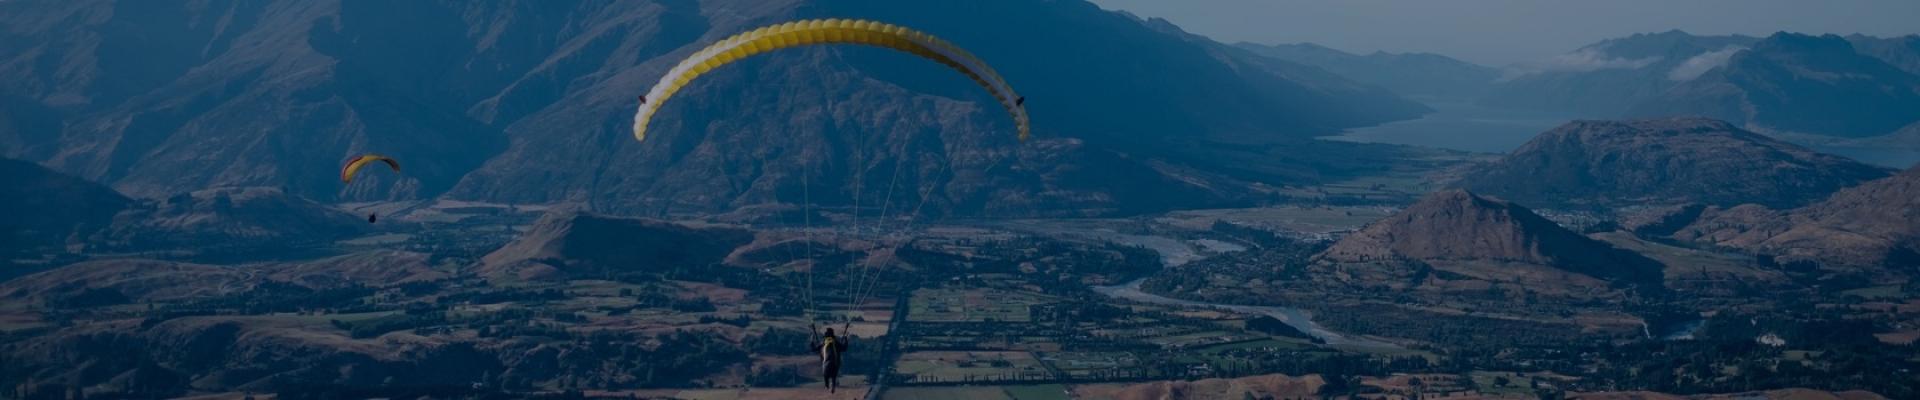 Paragliding in Solang, Himachal Pradesh, India